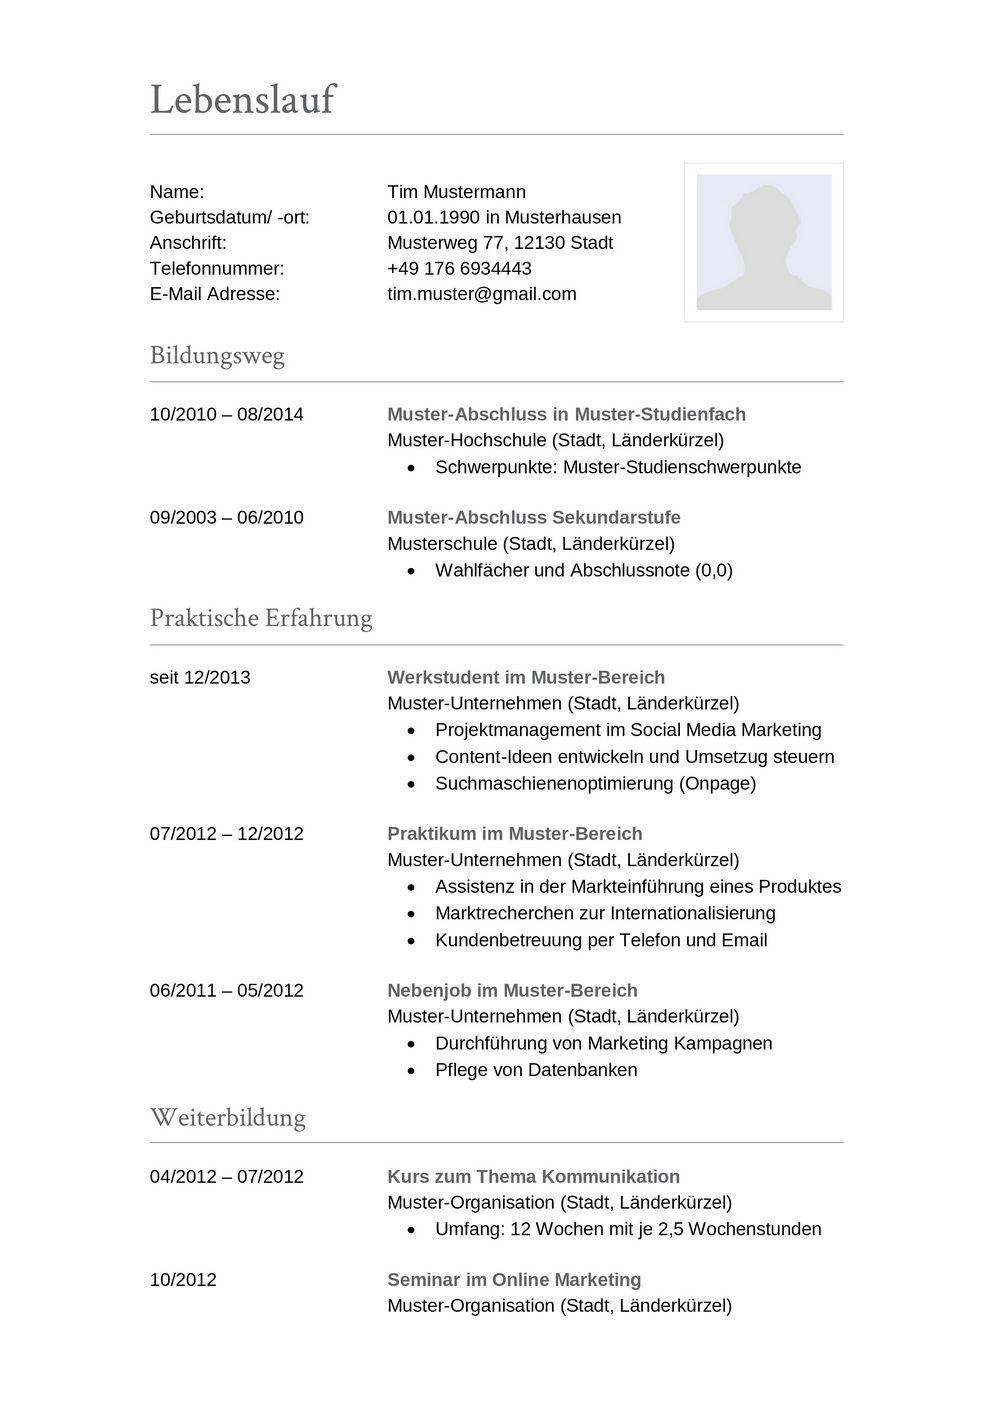 Lebenslauf Muster Für Buchhalter Lebenslauf Designs